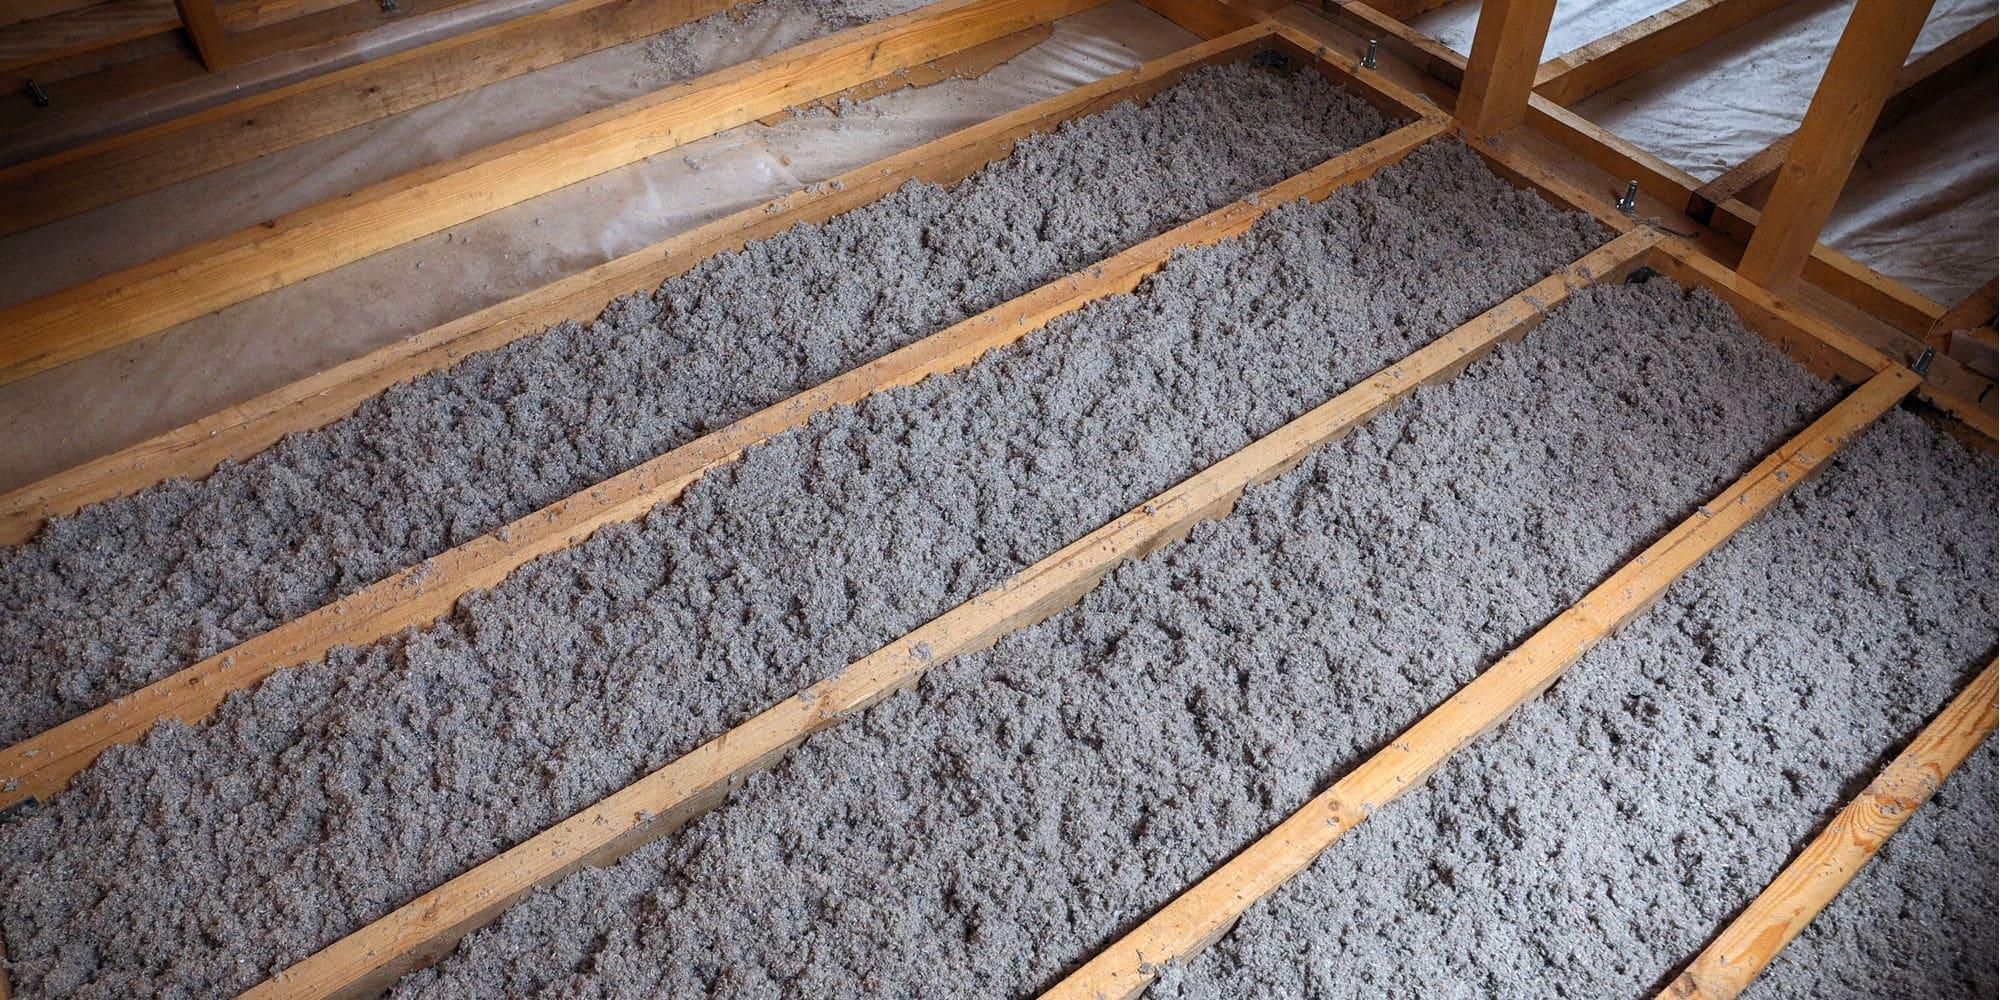 beste vloerisolatie houten vloer